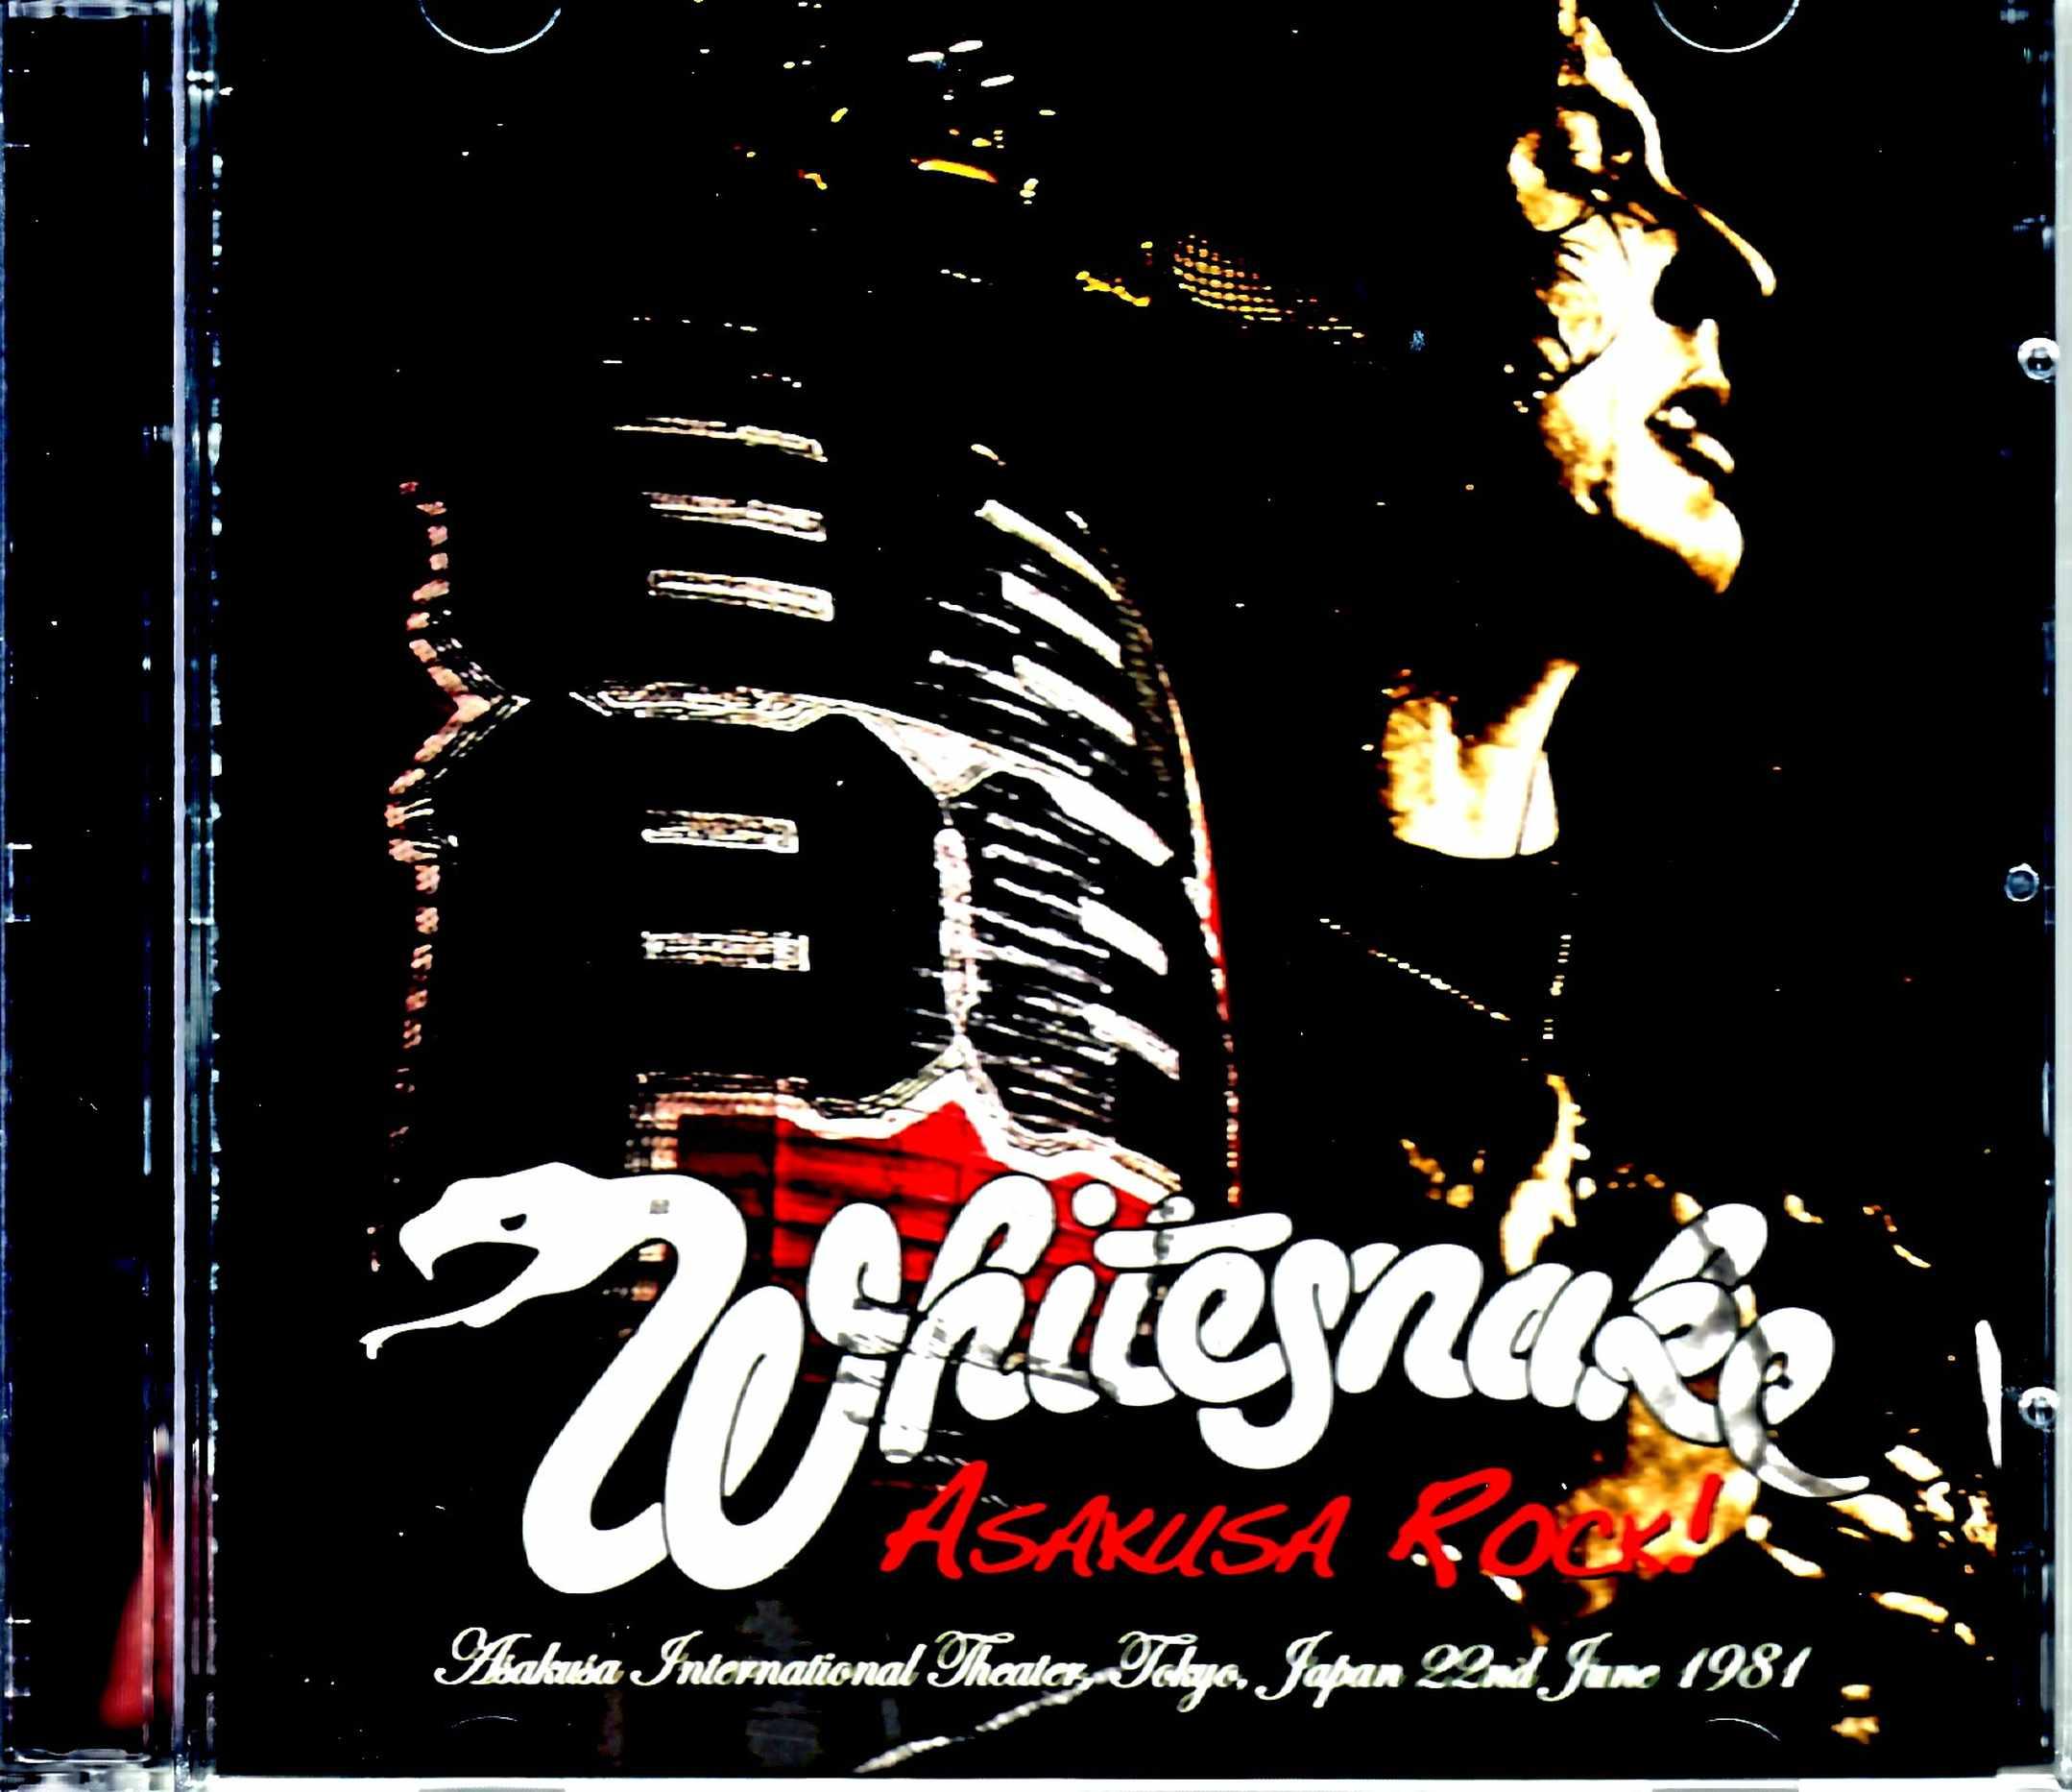 Whitesnake ホワイトスネイク/Tokyo,Japan 6.22.1981